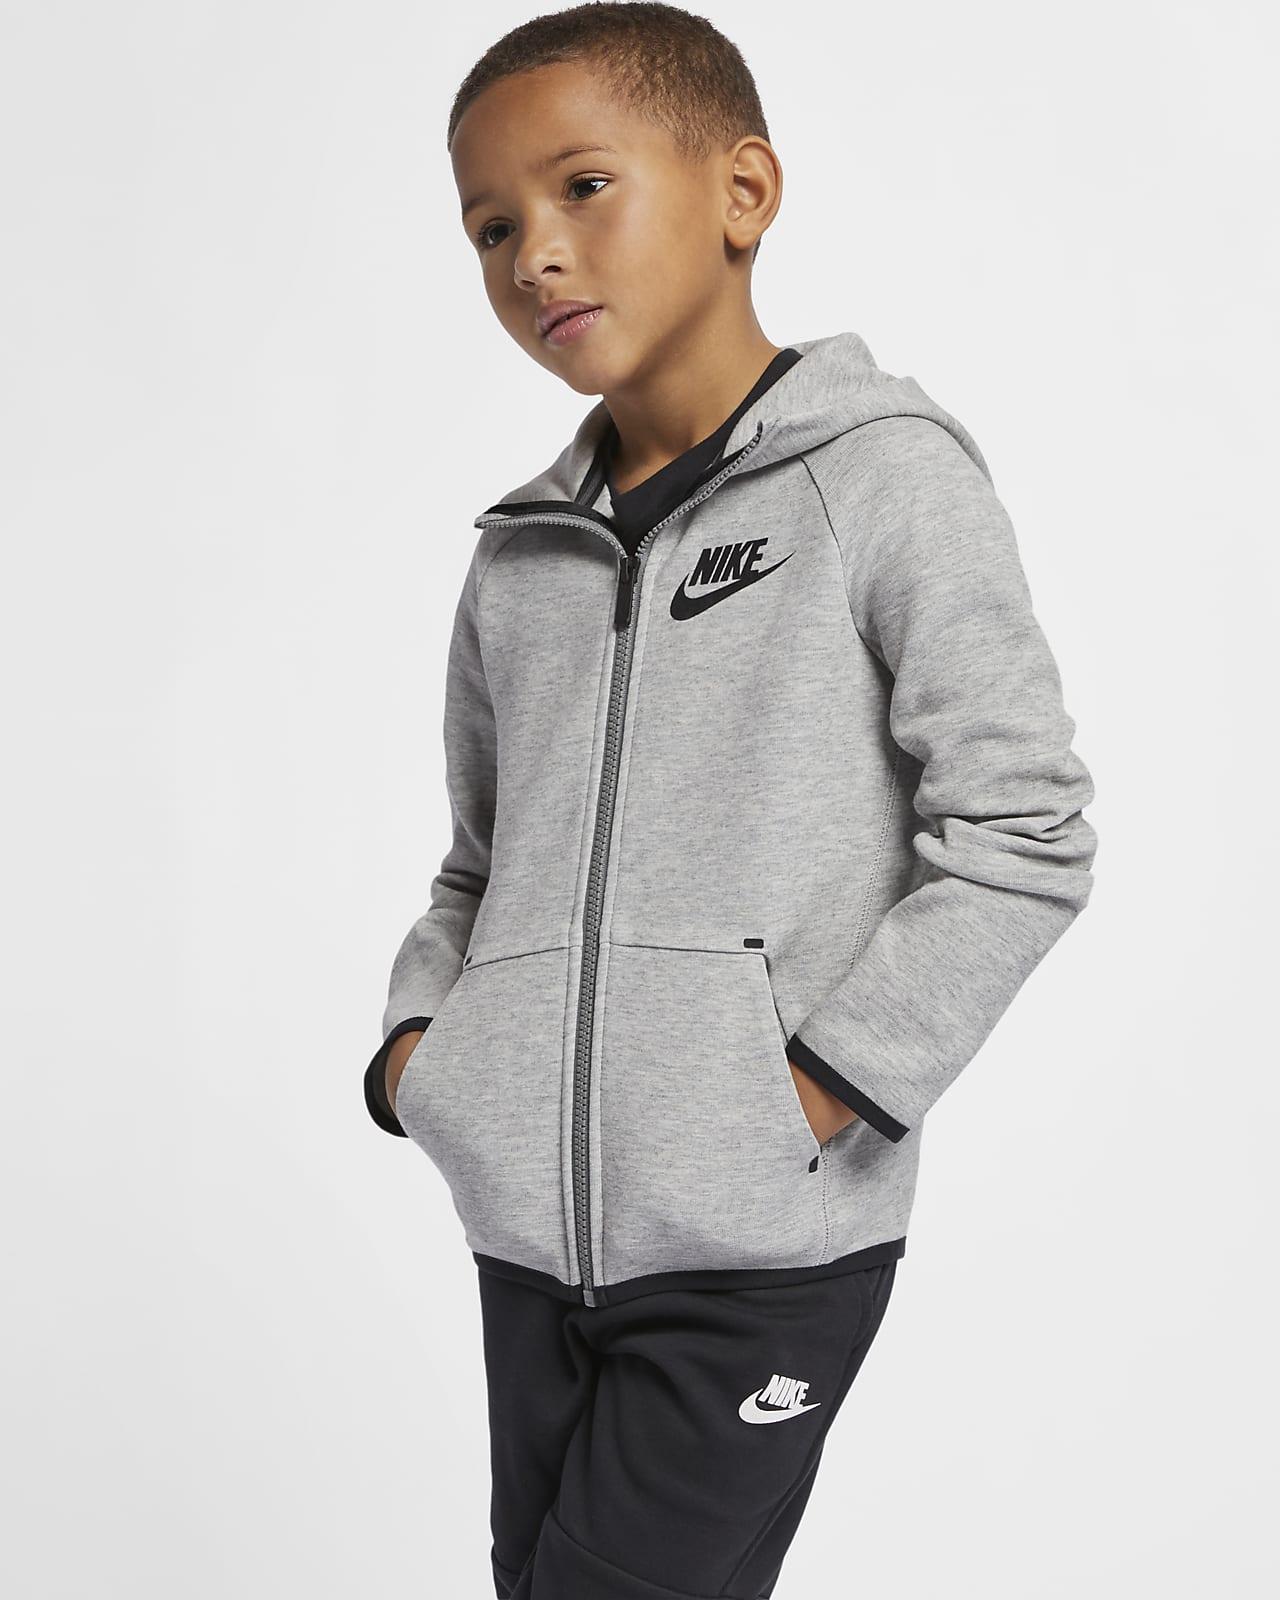 Nike Sportswear Tech Fleece Younger